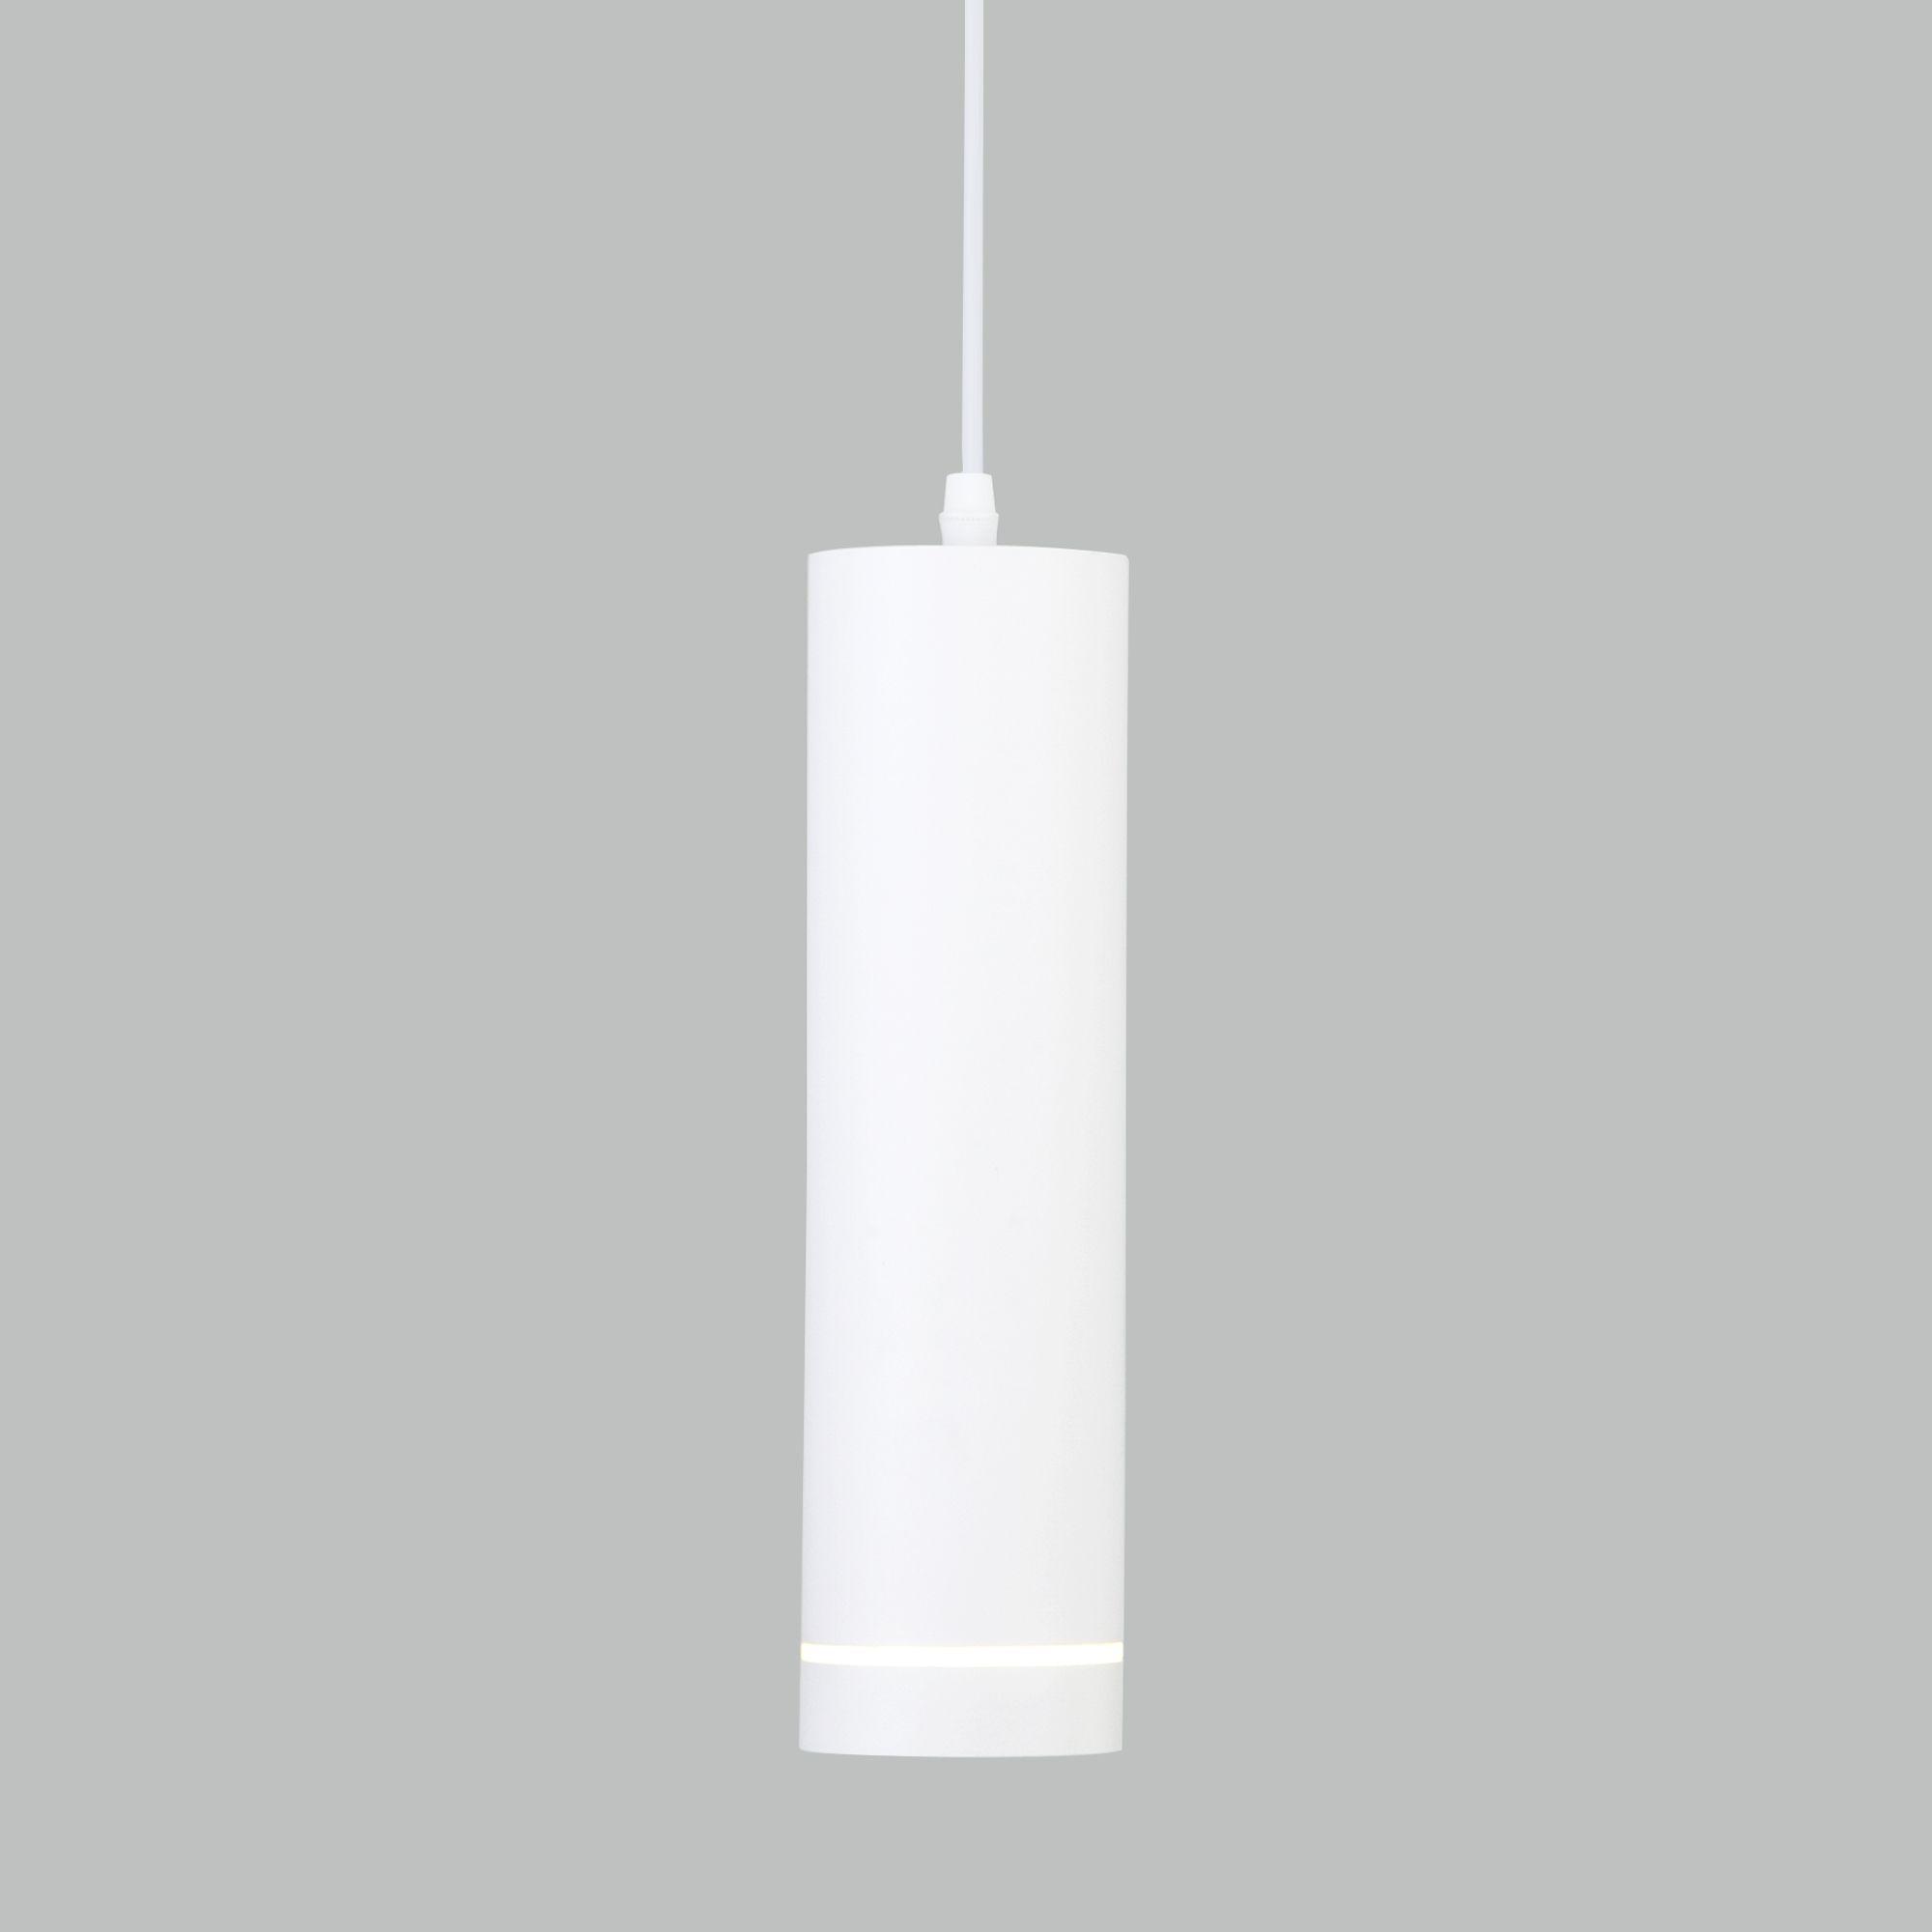 Трековый подвесной светильник 50163/1 LED белый